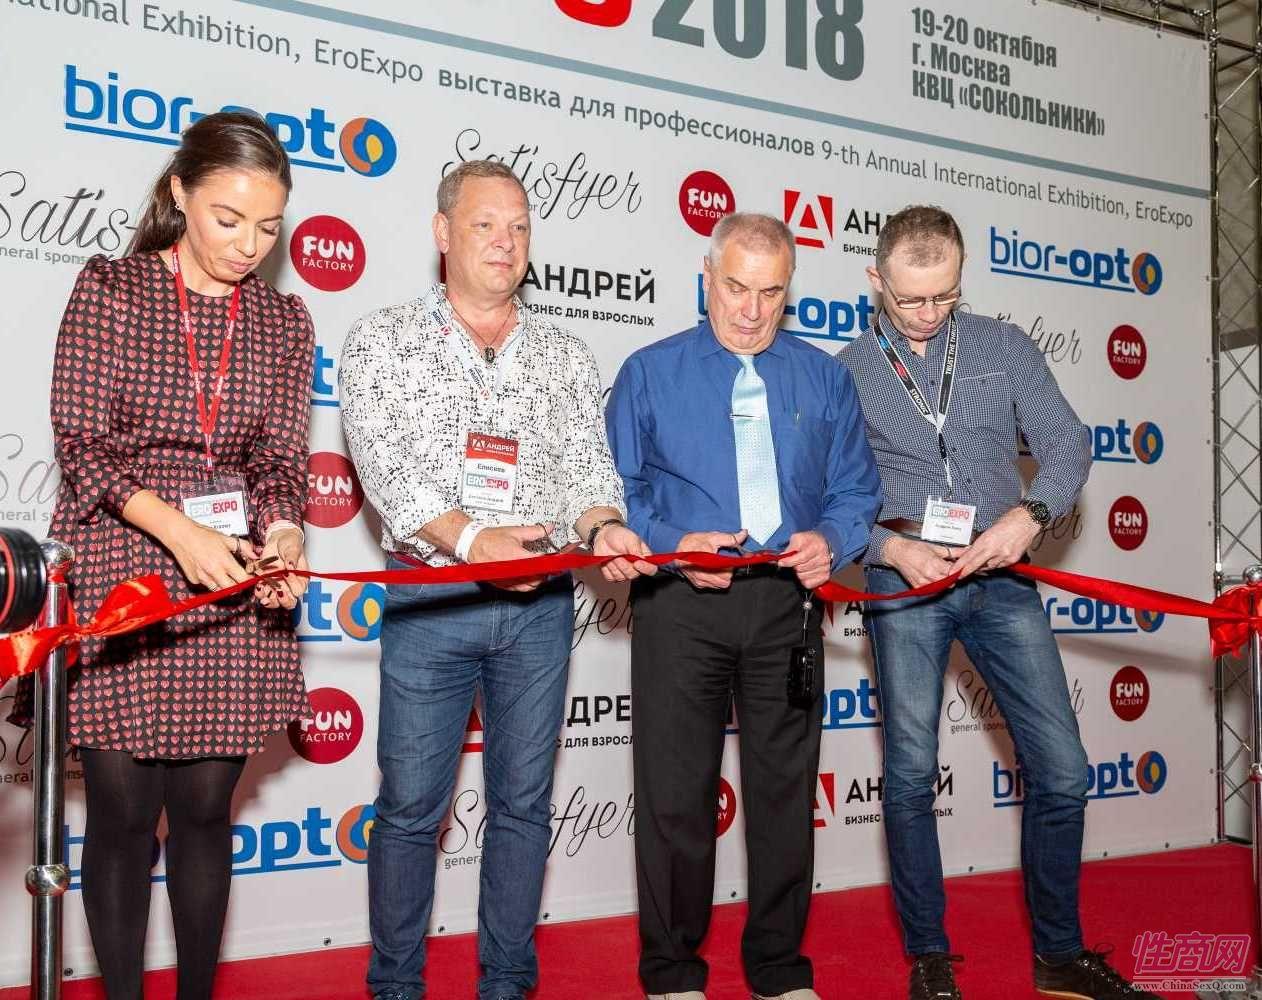 俄罗斯成人展-获奖企业 (1)